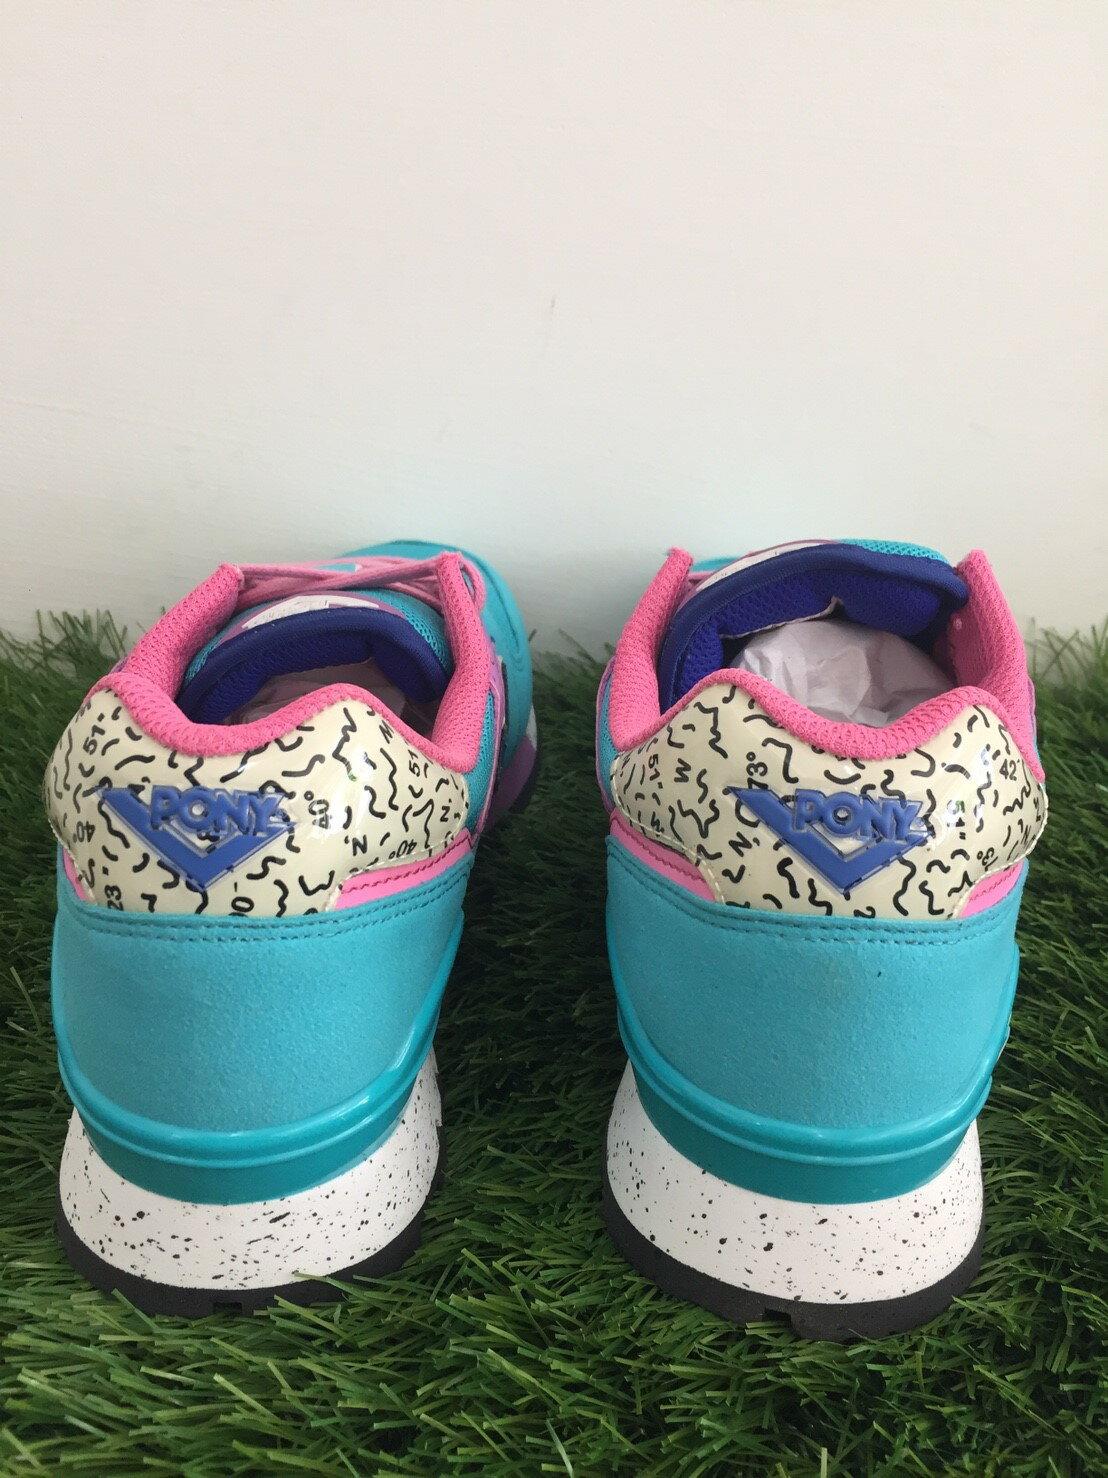 ★限時特價990元★ Shoestw【53W1MK65CB】PONY 復古慢跑鞋 內增高 水藍粉色 女生 2